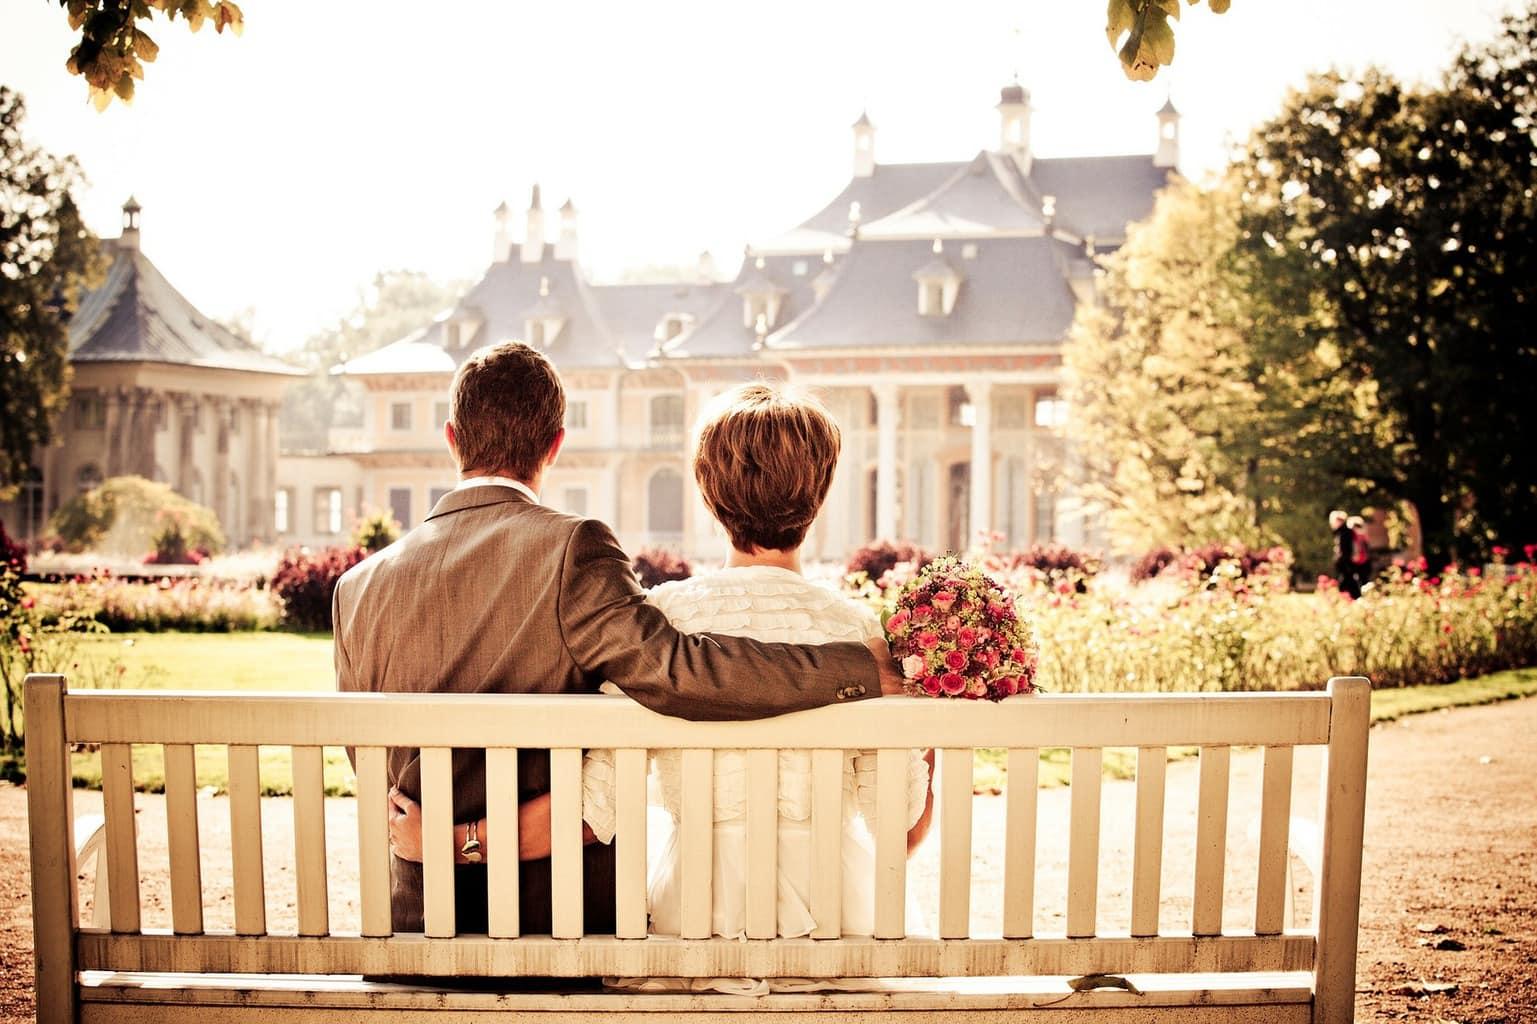 fotografía de una pareja sentados en un banco